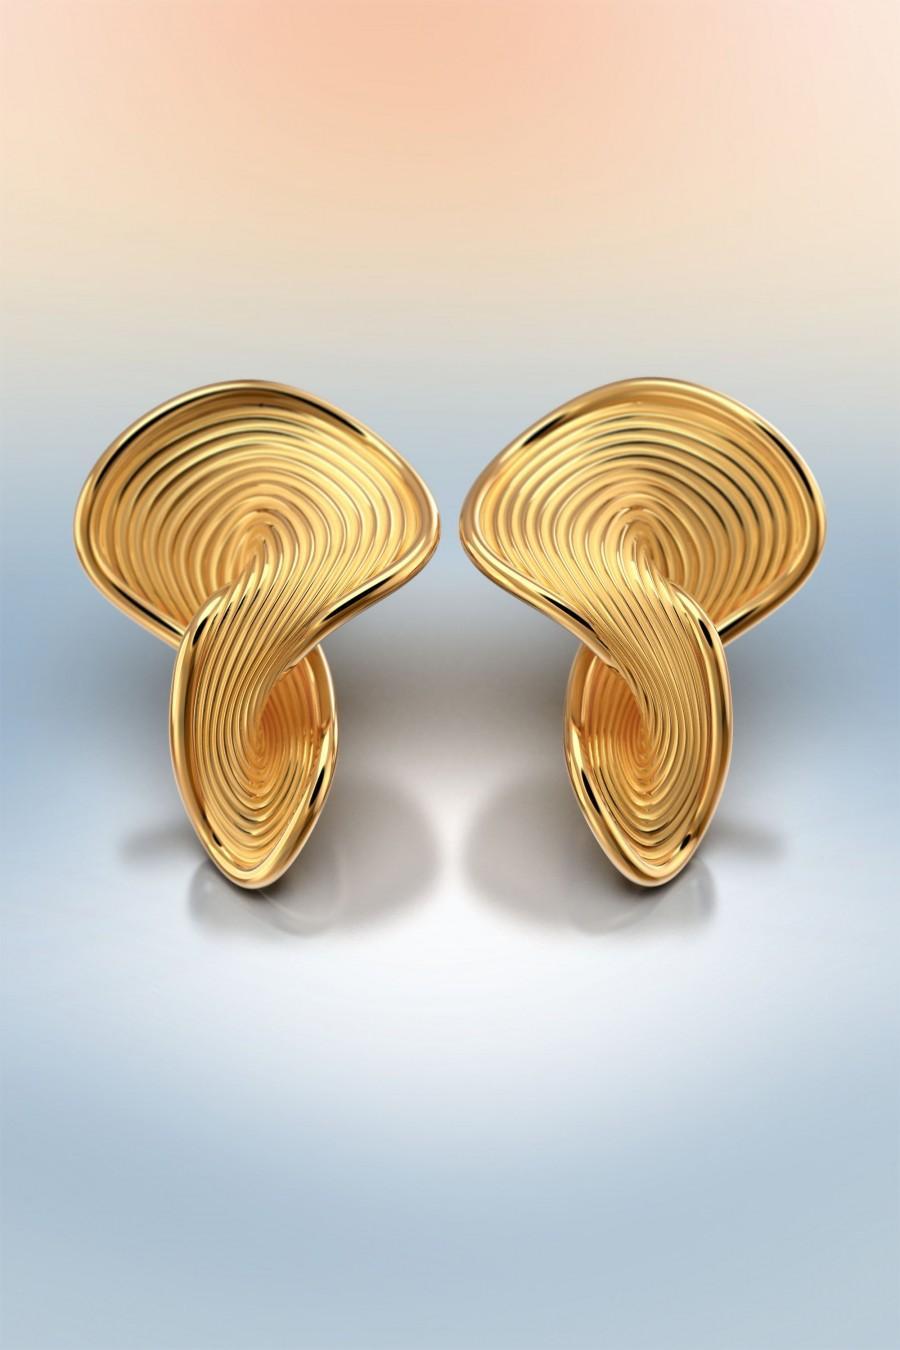 Wedding - Italian solid gold earrings 18k or 14k real gold, modern yellow gold stud earrings, Italian fine jewelry